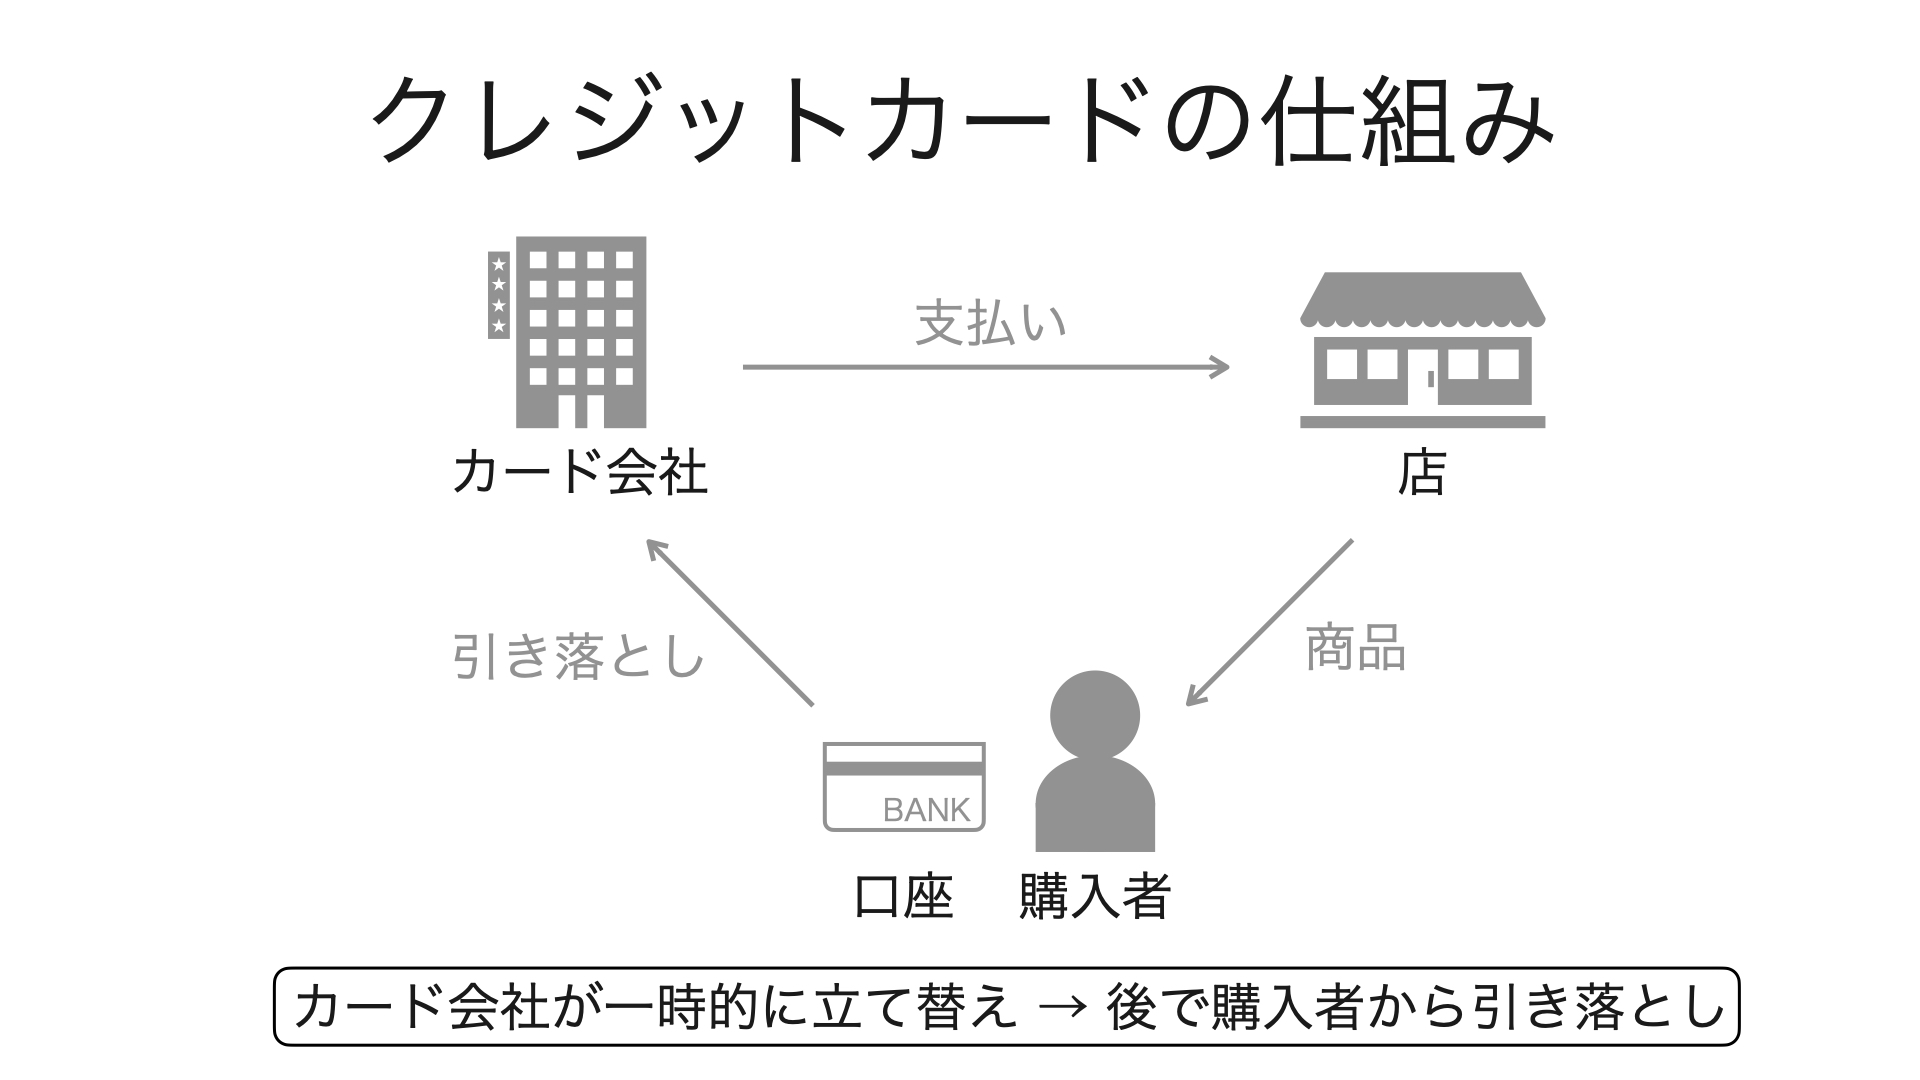 図_クレジットカード001